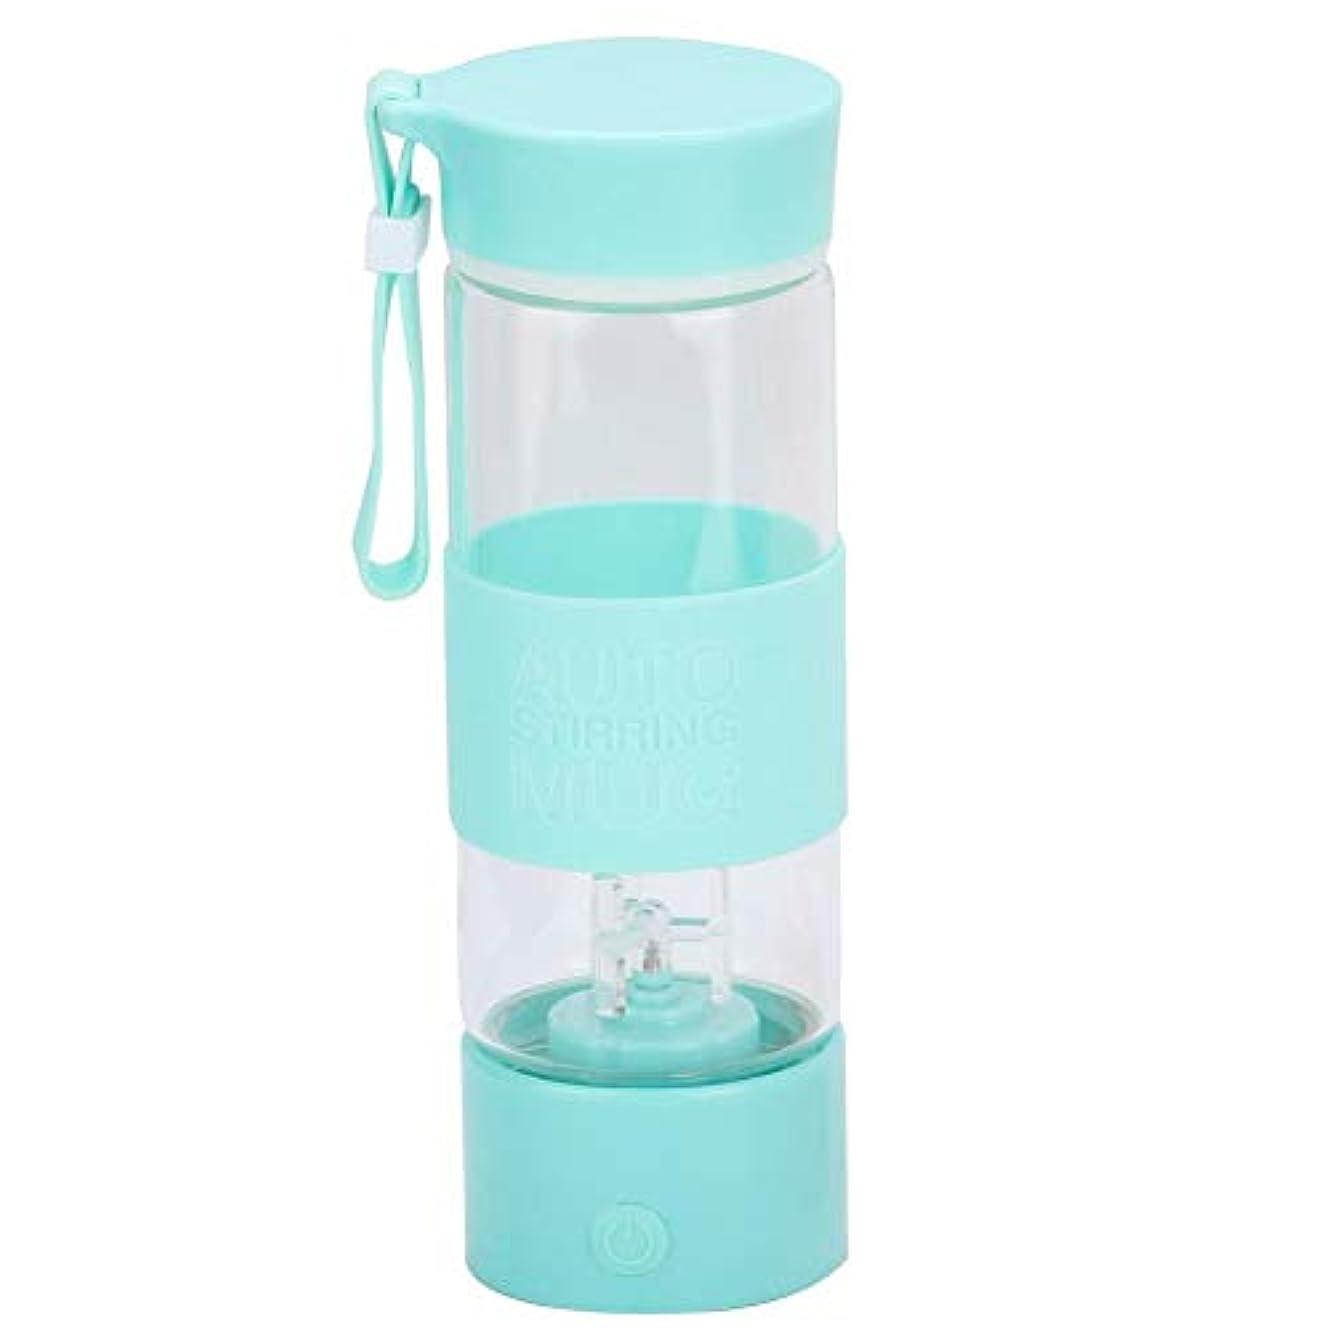 晩ごはん主要なお茶BlenderBottle、400ml電動自動混合コーヒー攪拌ボトル高ホウケイ酸ガラス断熱ボトル、ポータブルシリコンロープ付き(緑)